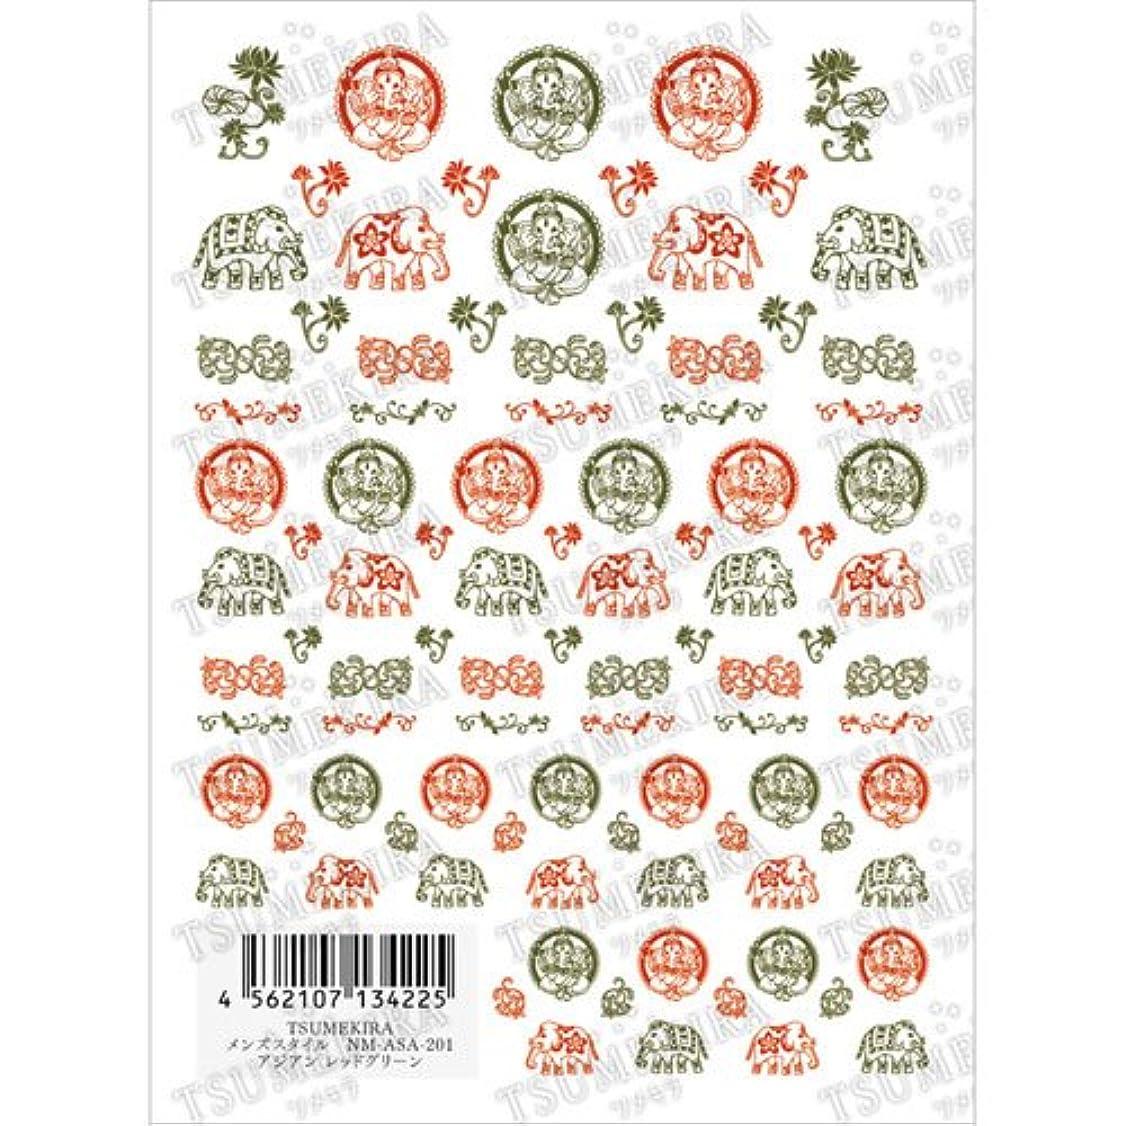 爪ダース純粋なツメキラ ネイル用シール メンズスタイル アジアン レッドグリーン